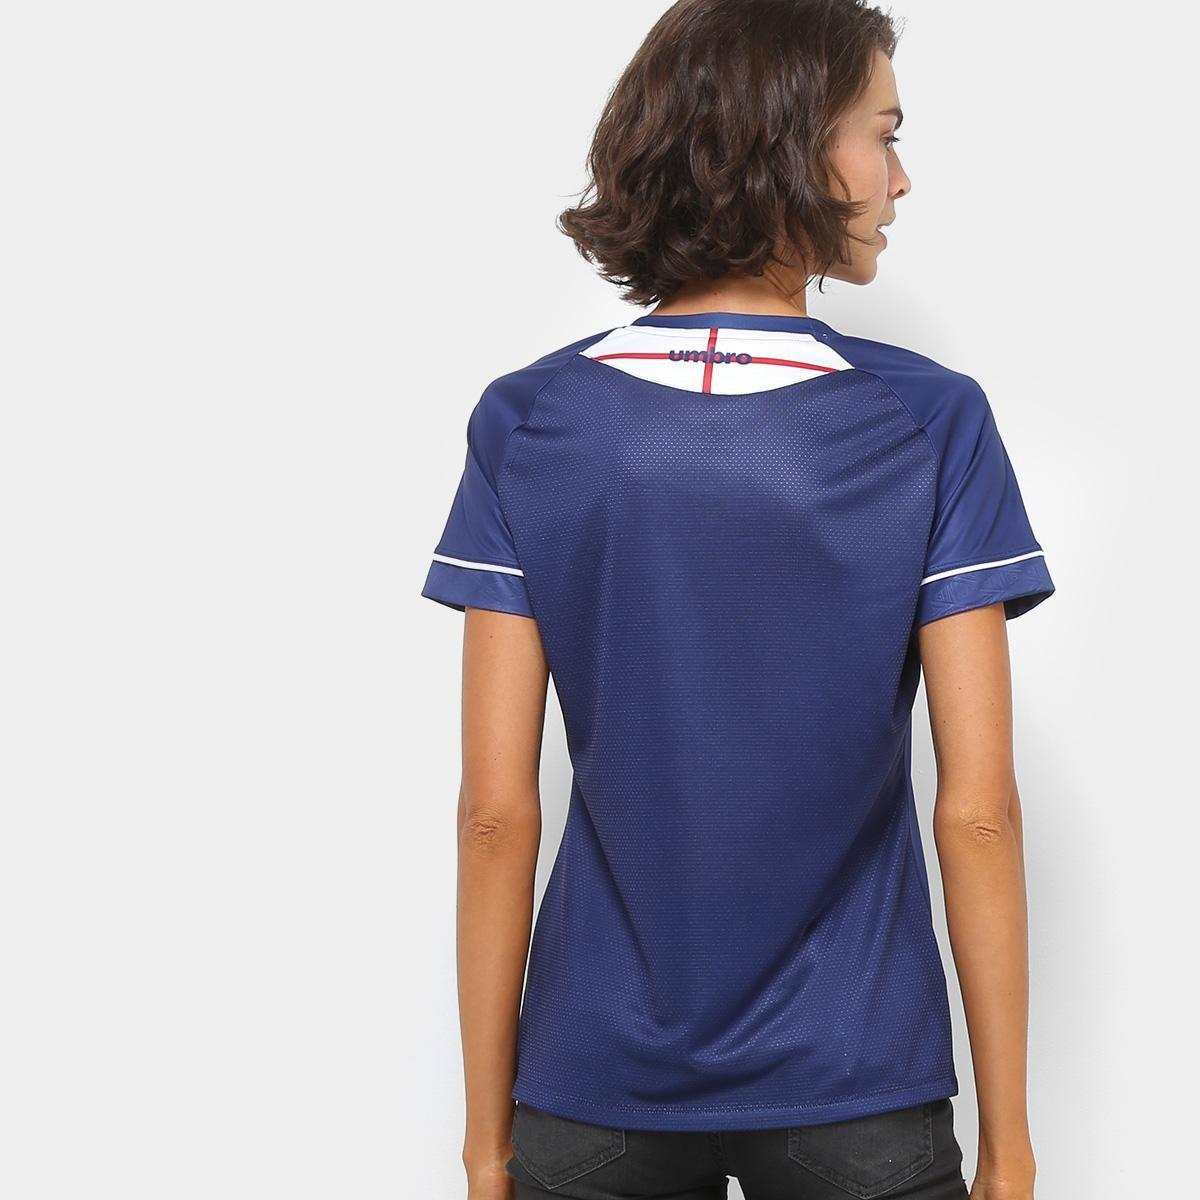 fd36ecb9a camisa santos 2018 s n° the kingdom torcedor umbro feminina. Carregando  zoom.